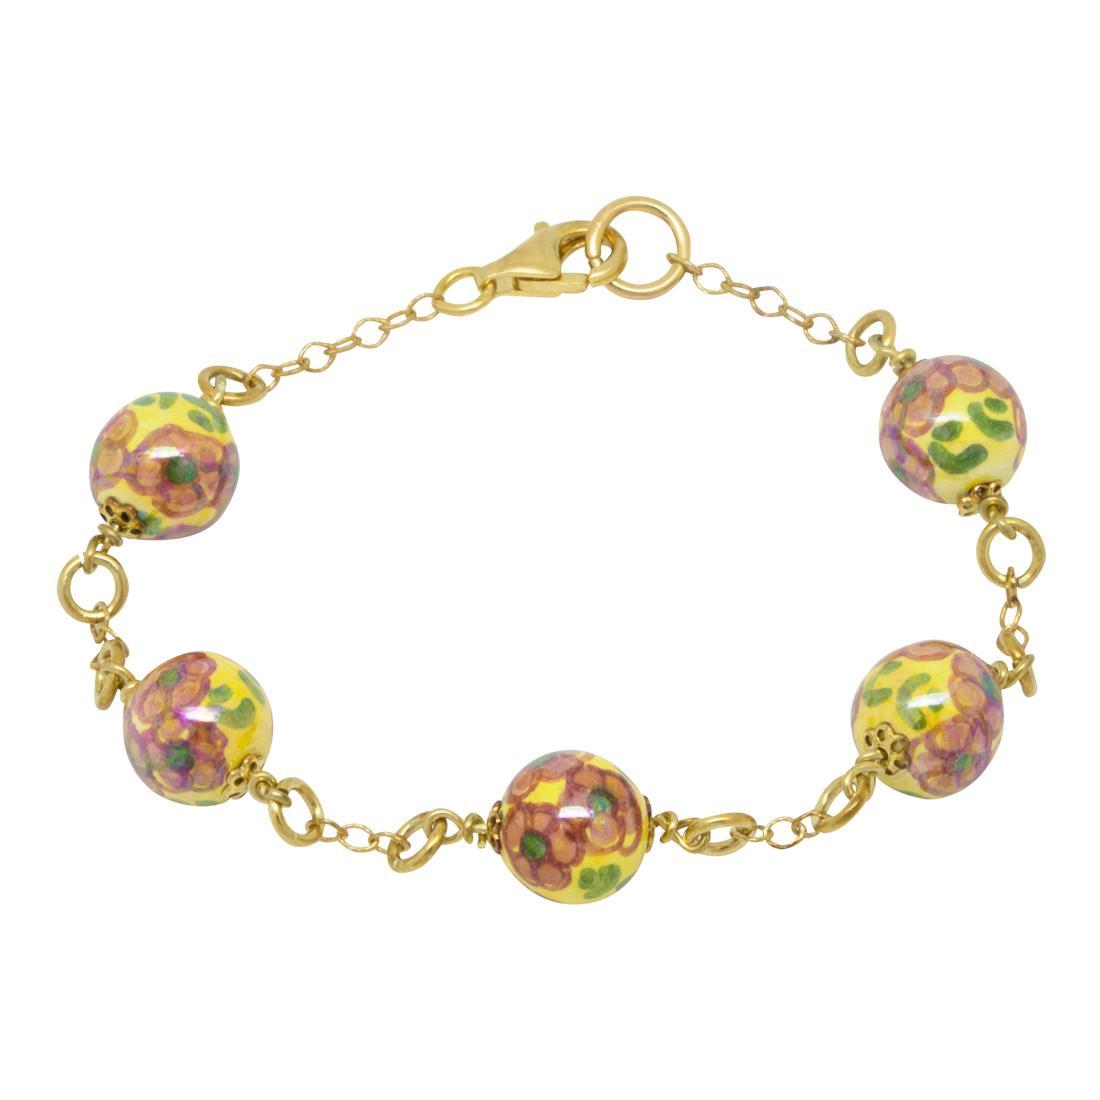 Bracciale in argento con perle - LE PERLE DI CALTAGIRONE